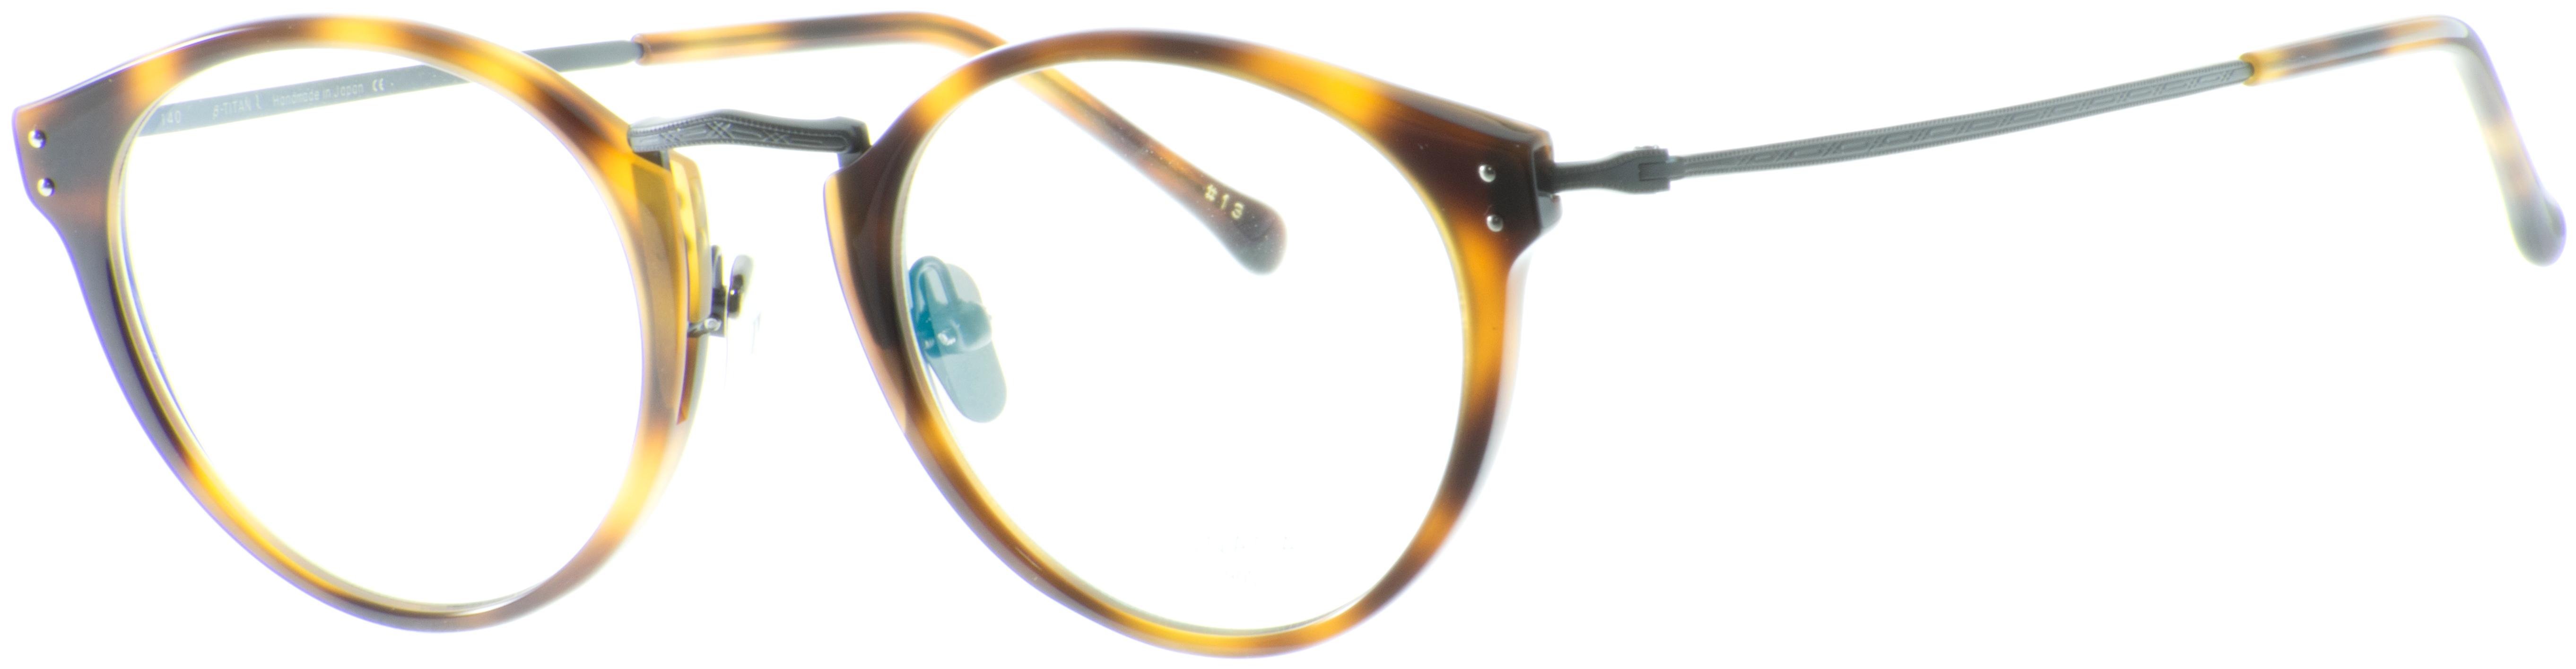 MASUNAGA GMS-815 13 1199167301